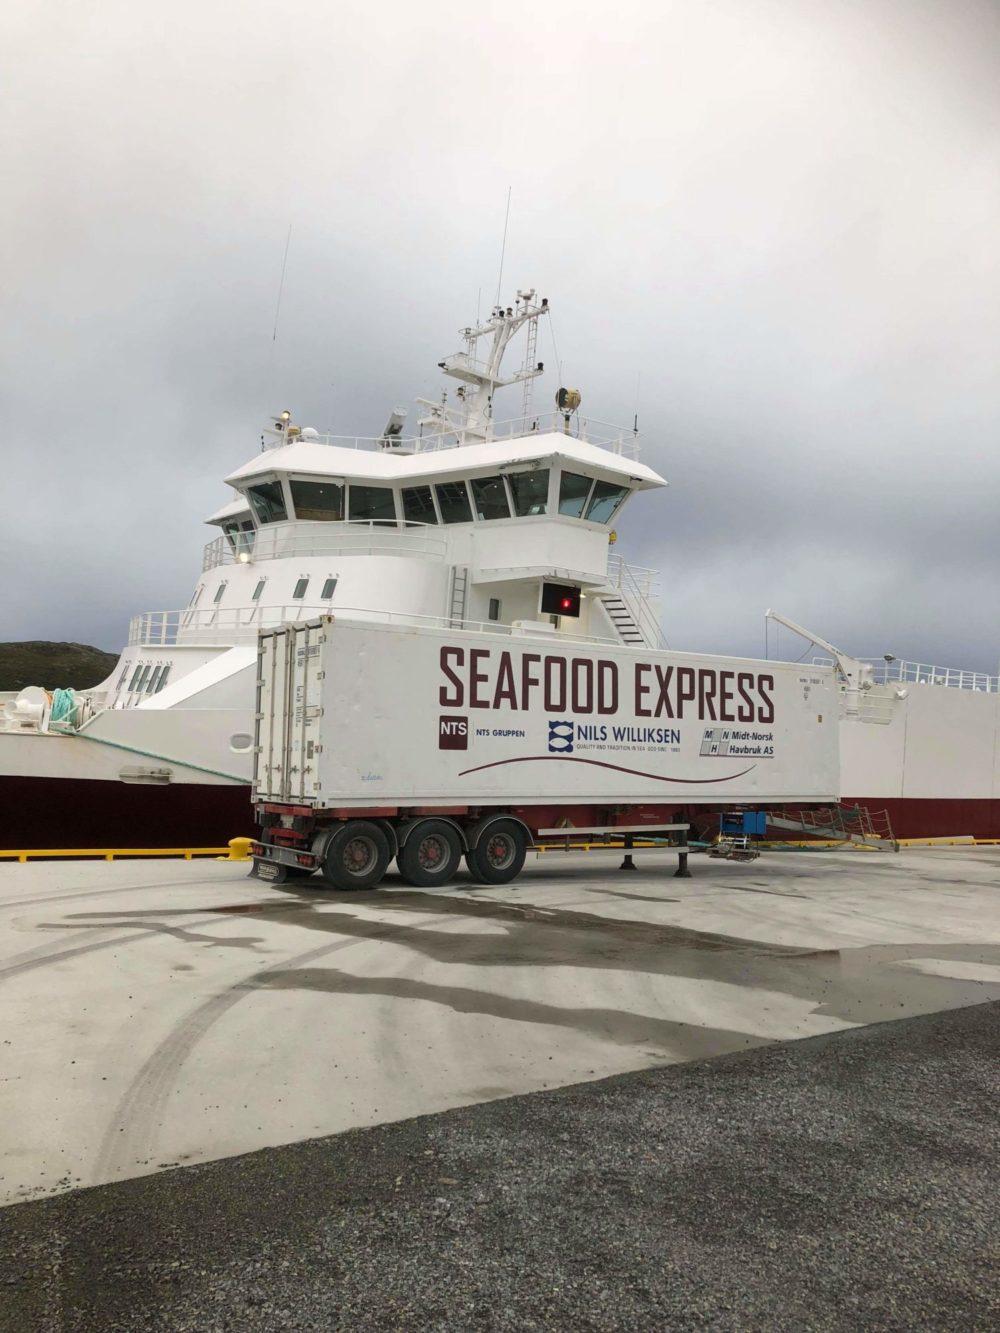 Fraktet laks sjøveien fra Trøndelag til Nederland